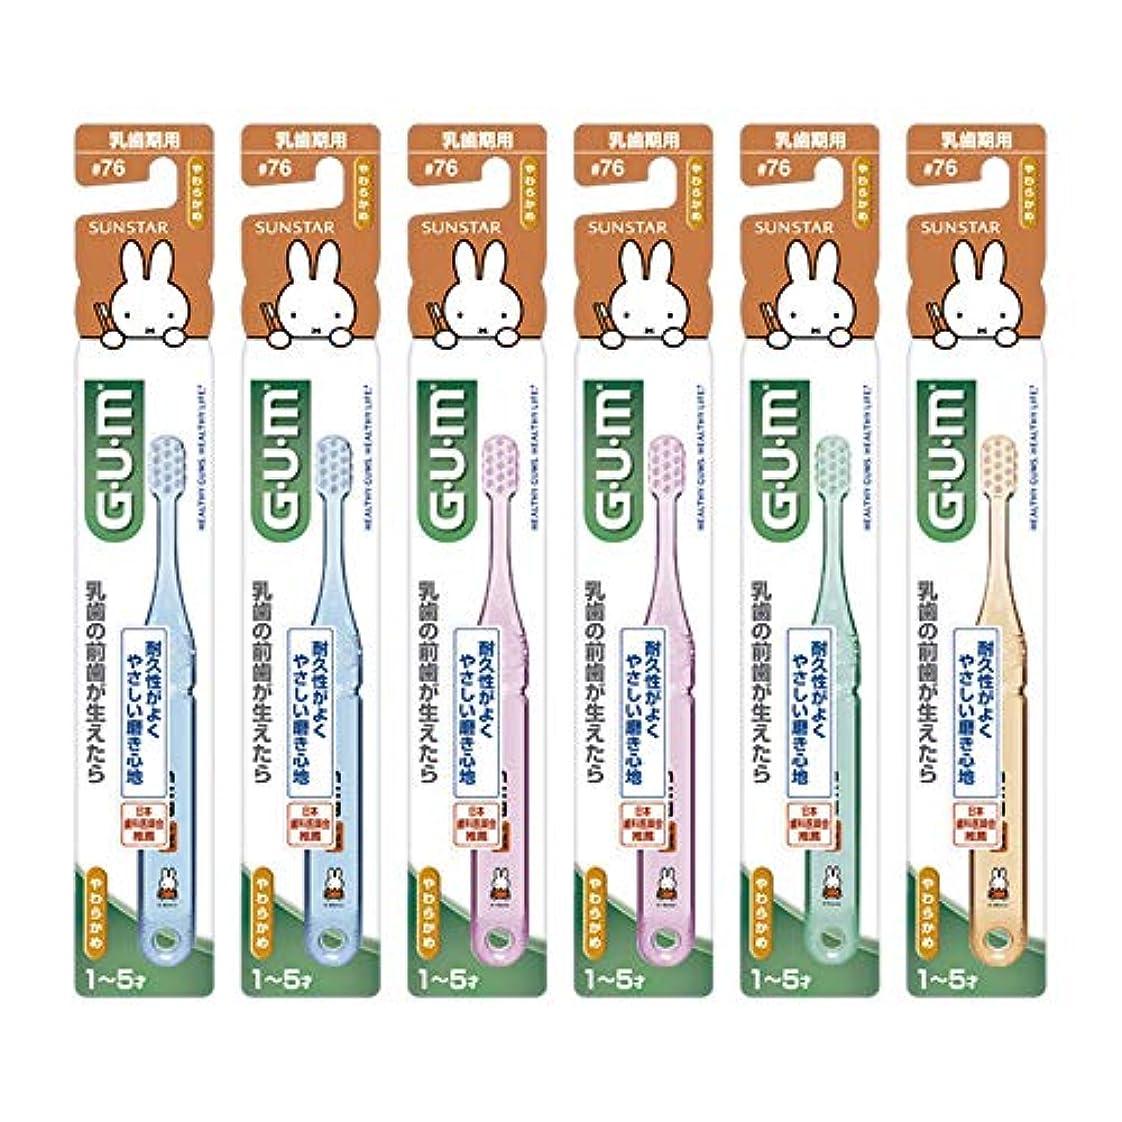 クレーター植木壁紙GUM(ガム) デンタル こども 歯ブラシ #76 [乳歯期用/やわらかめ] 6本パック+ おまけつき【Amazon.co.jp限定】